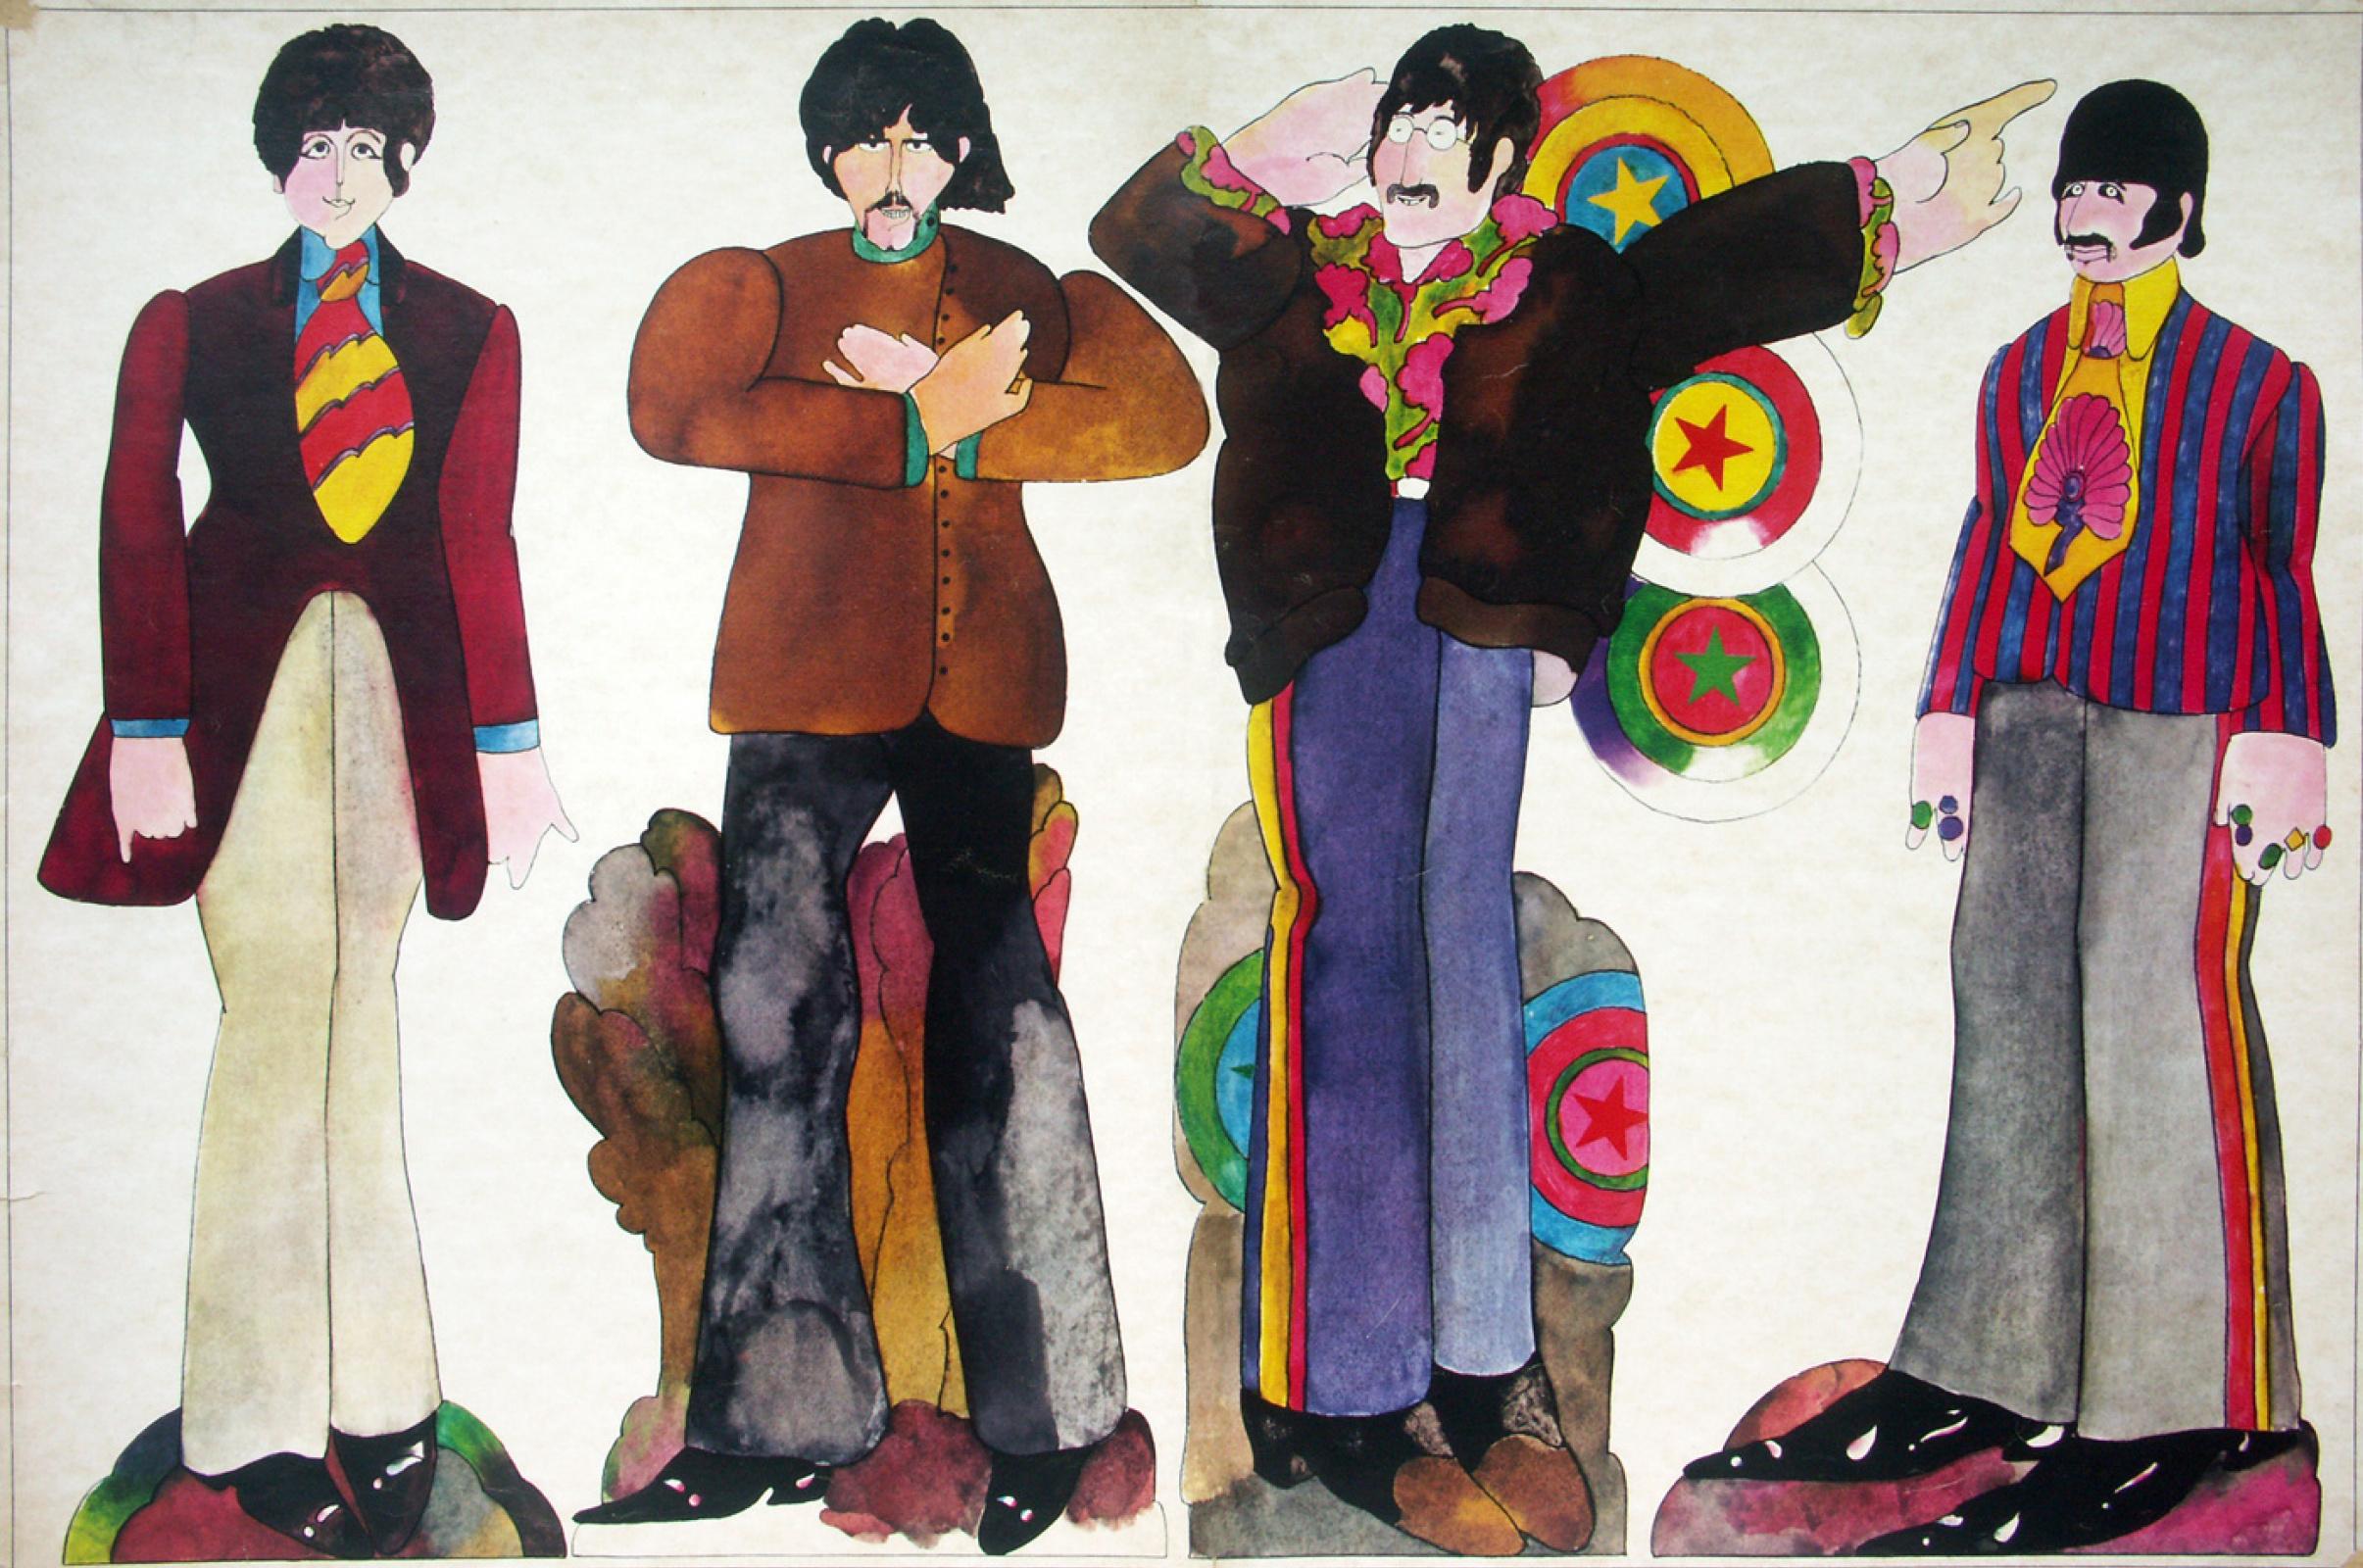 Хайнц  Эдельманн. The Beatles